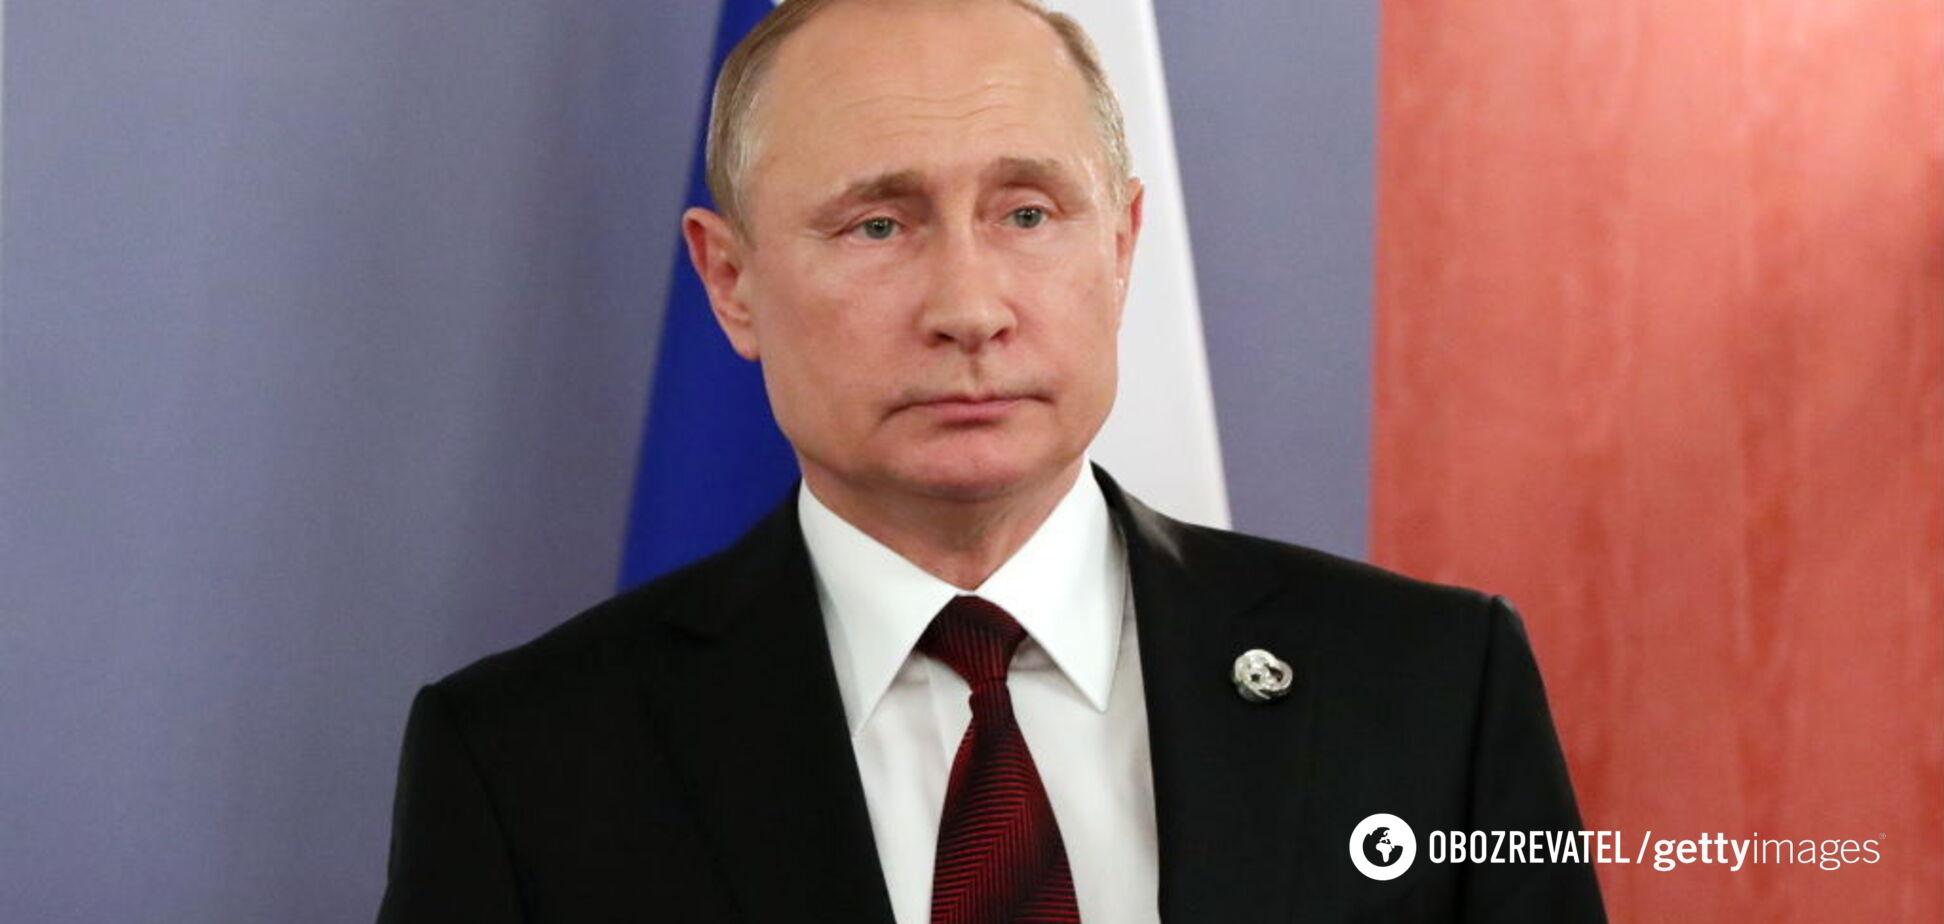 Денег нет: Россия решила отказаться от нового мегапроекта Путина